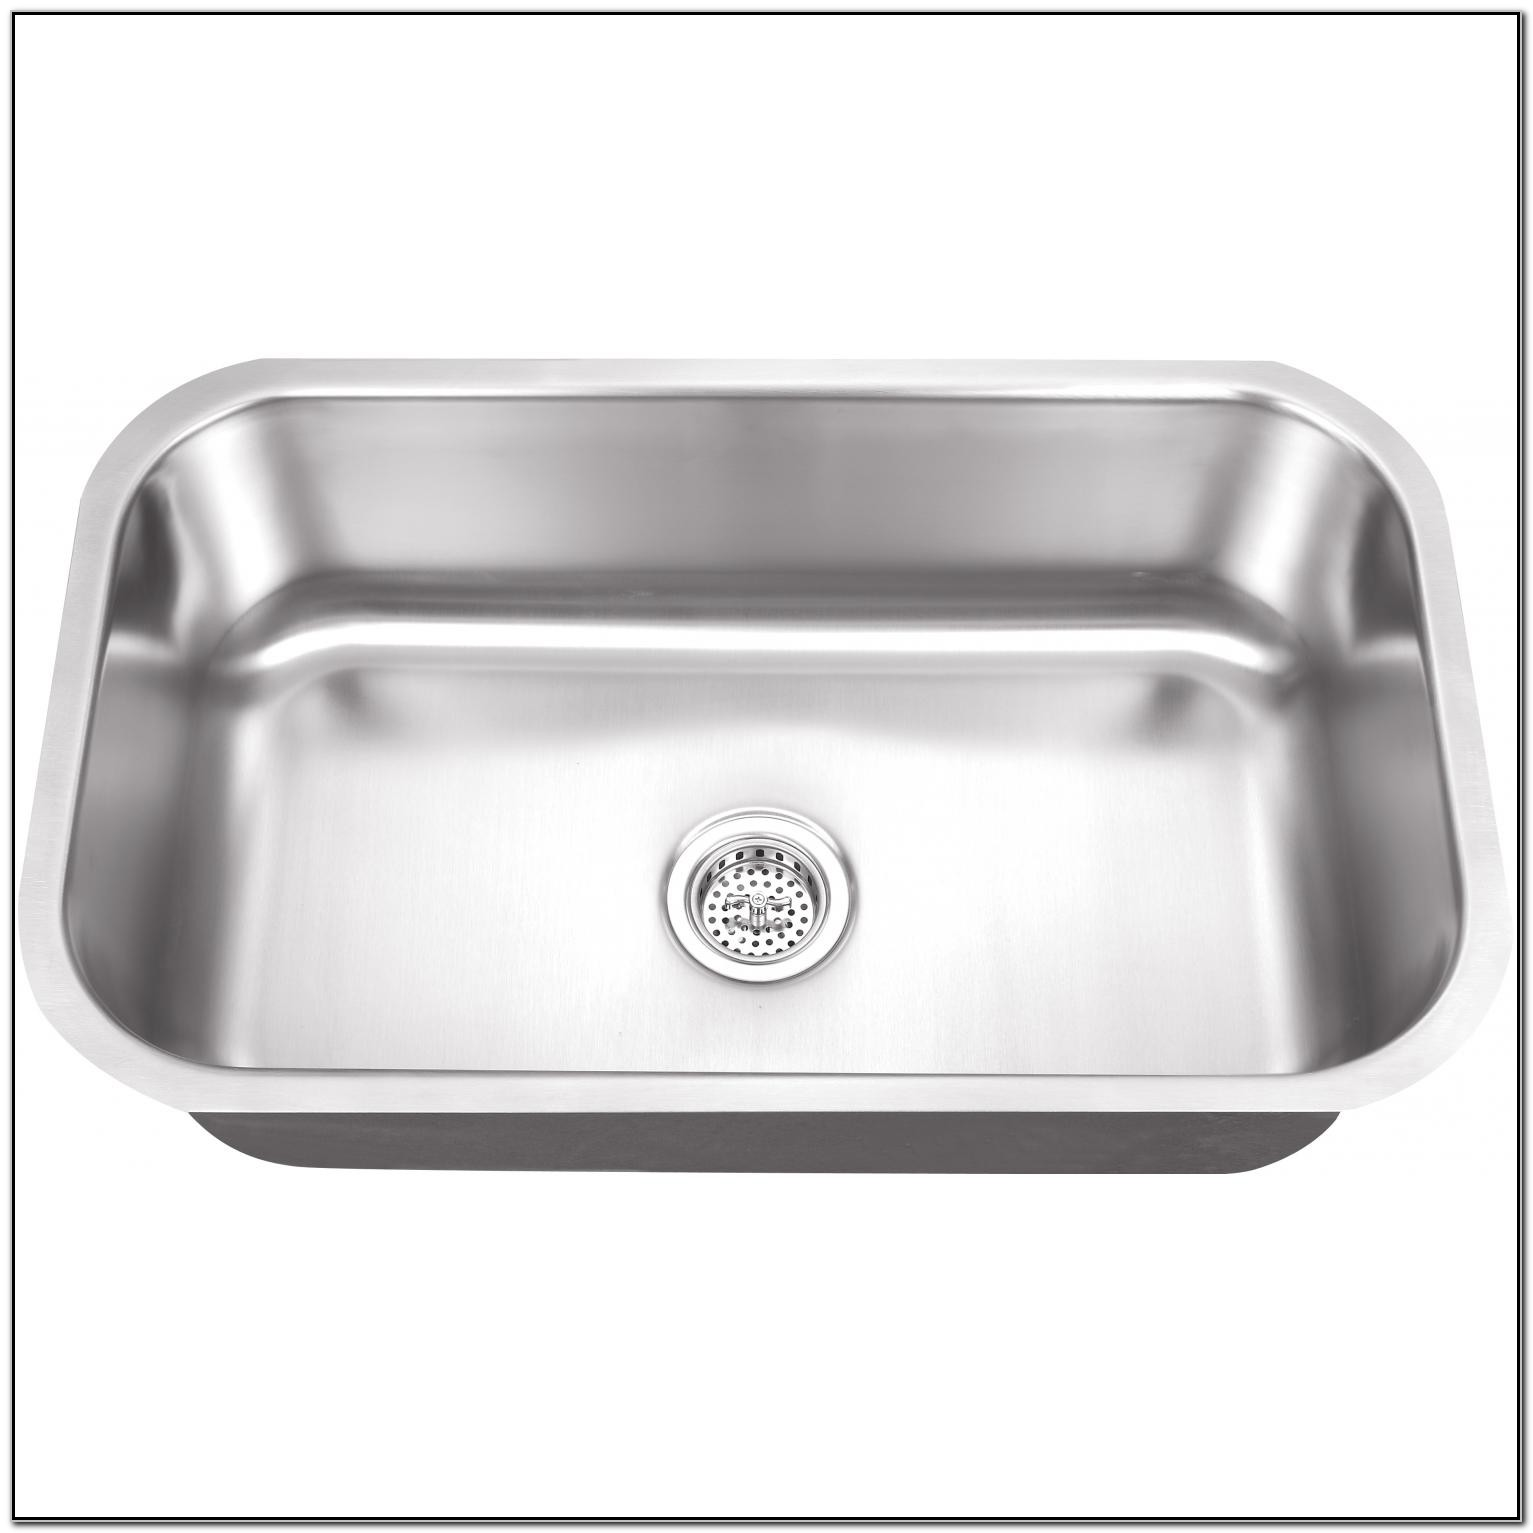 16 Gauge Stainless Steel Sinks 30